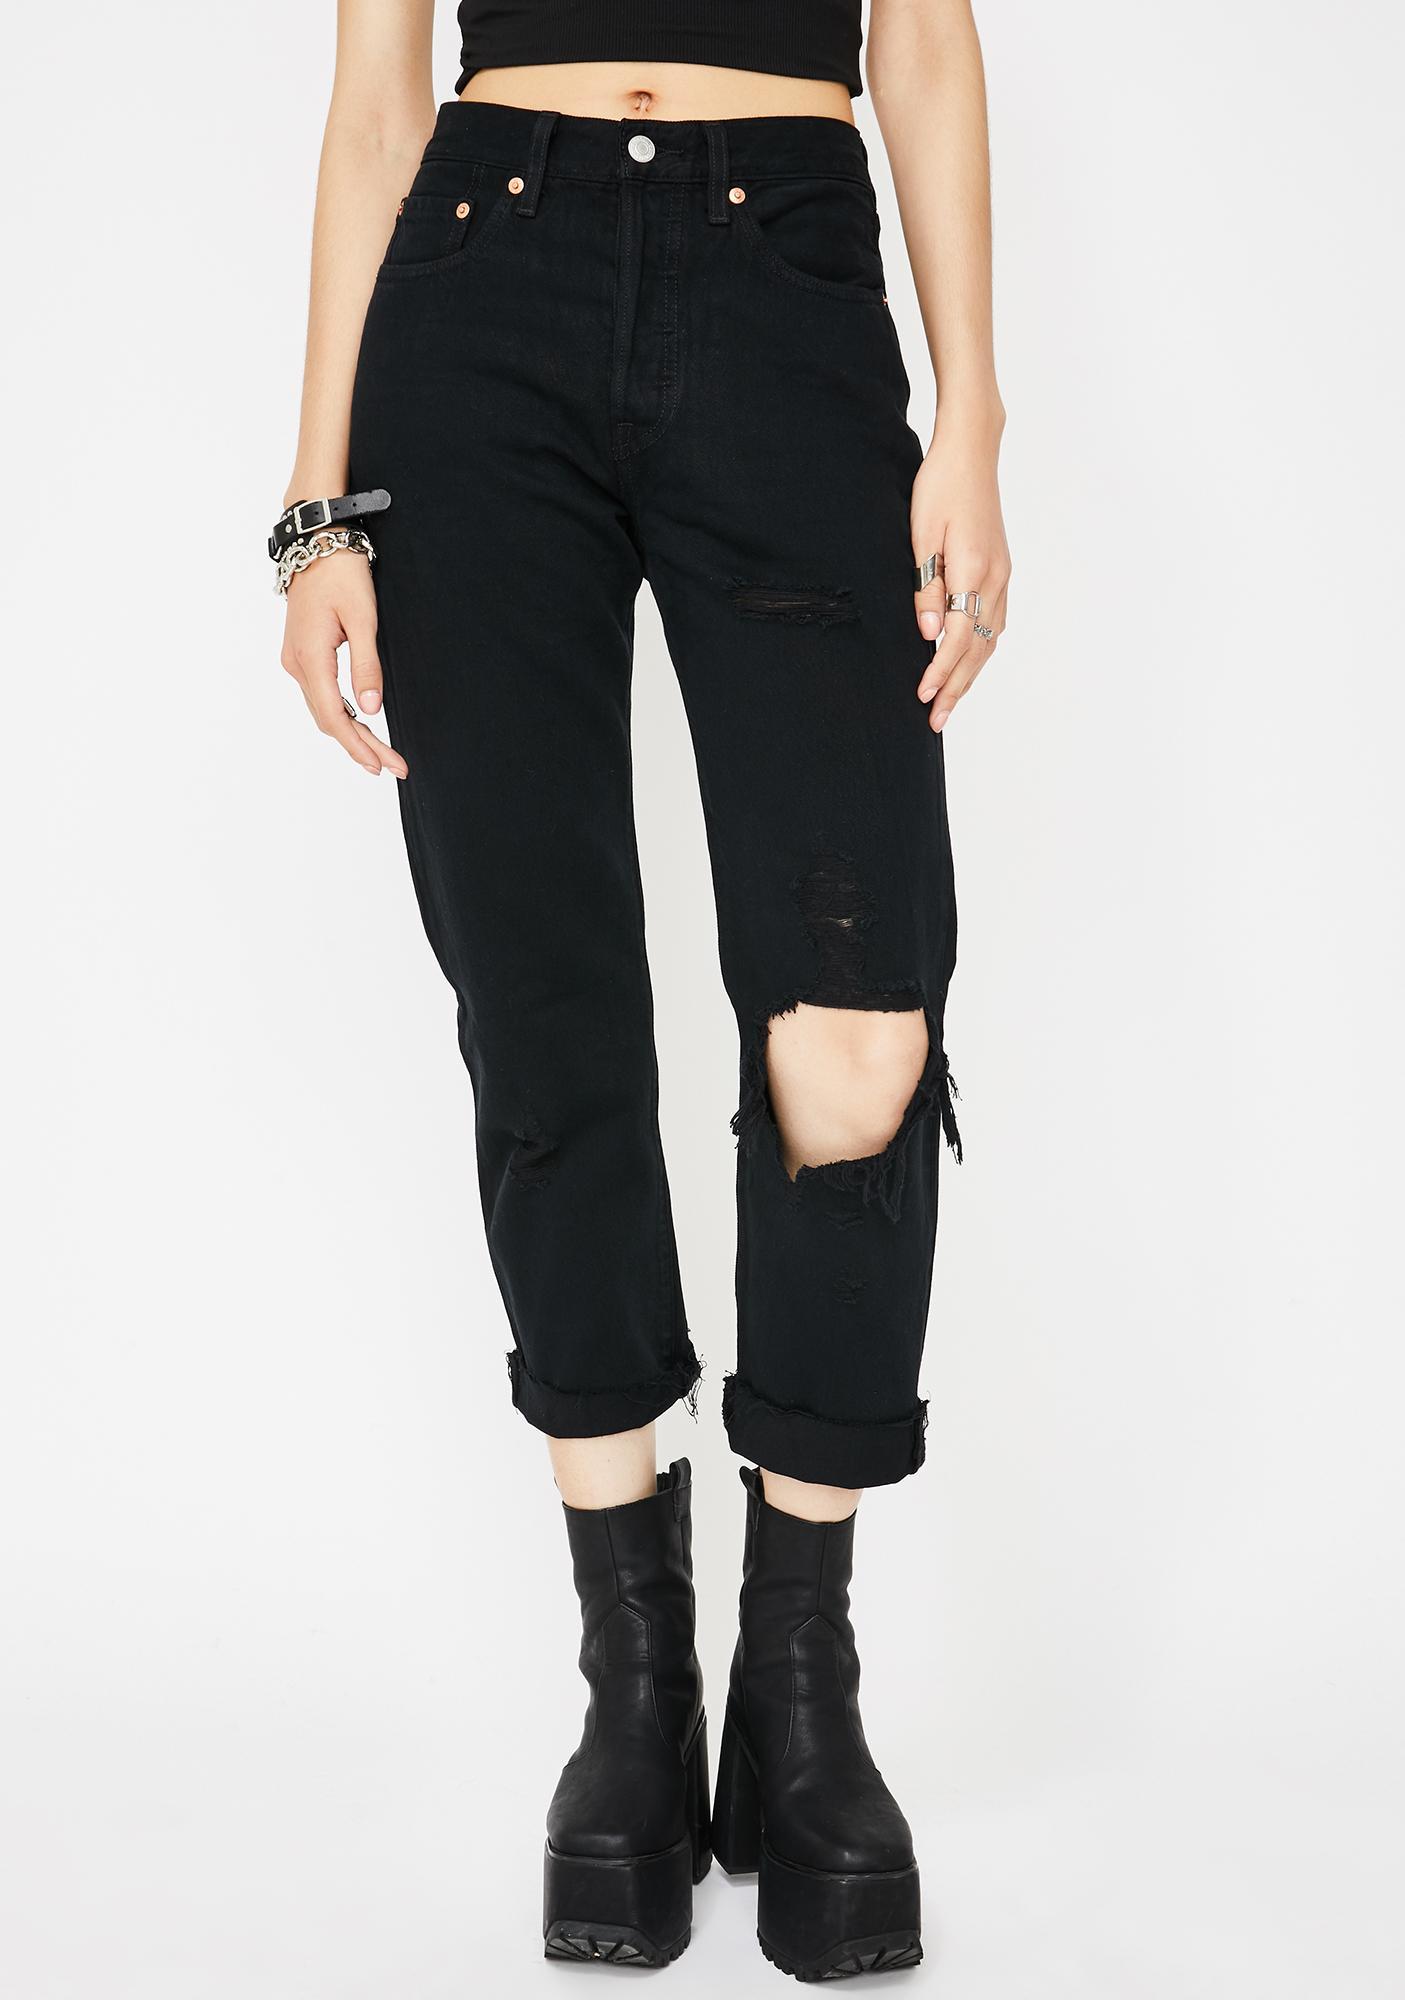 Levis Black Clouds 501 Crop Jeans